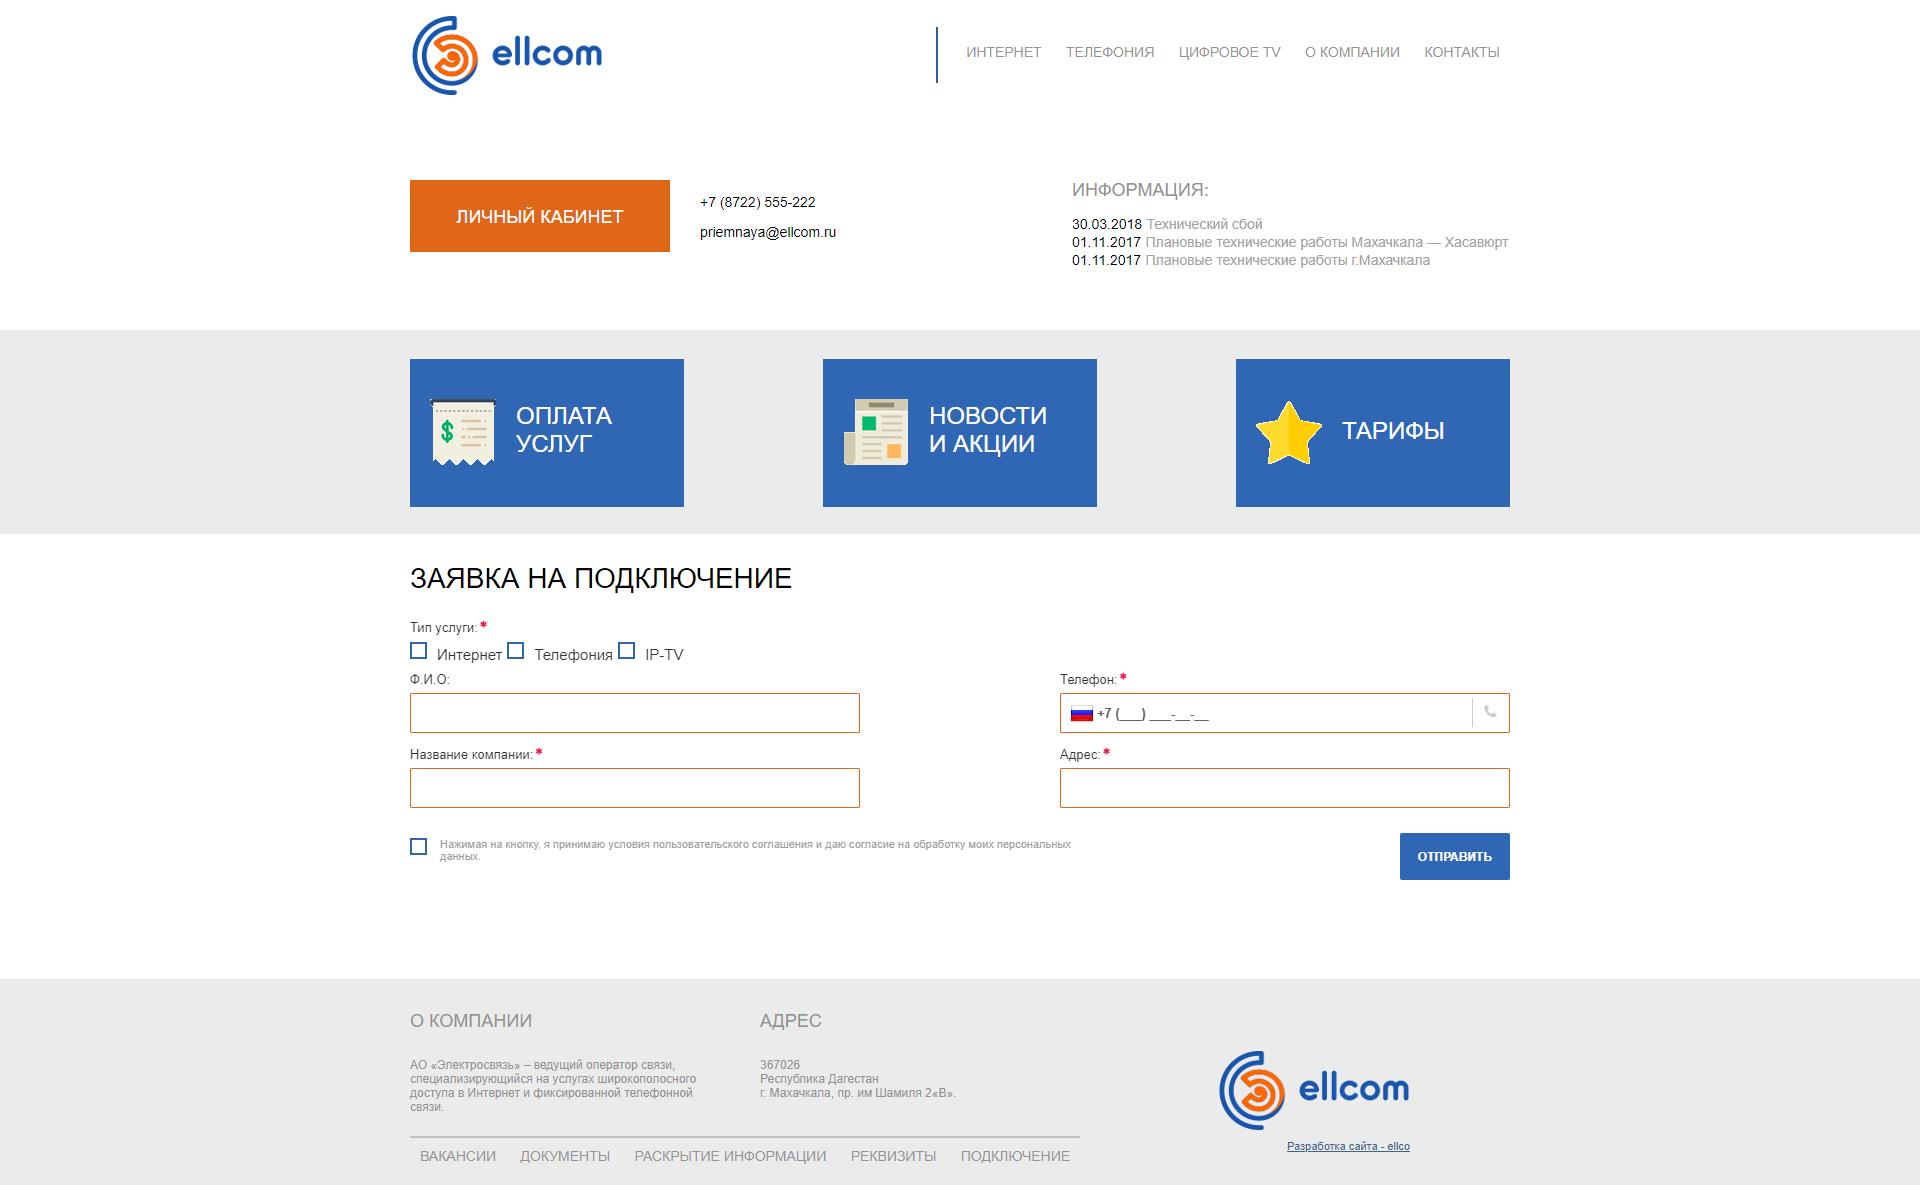 Ellcom - интернет провайдер